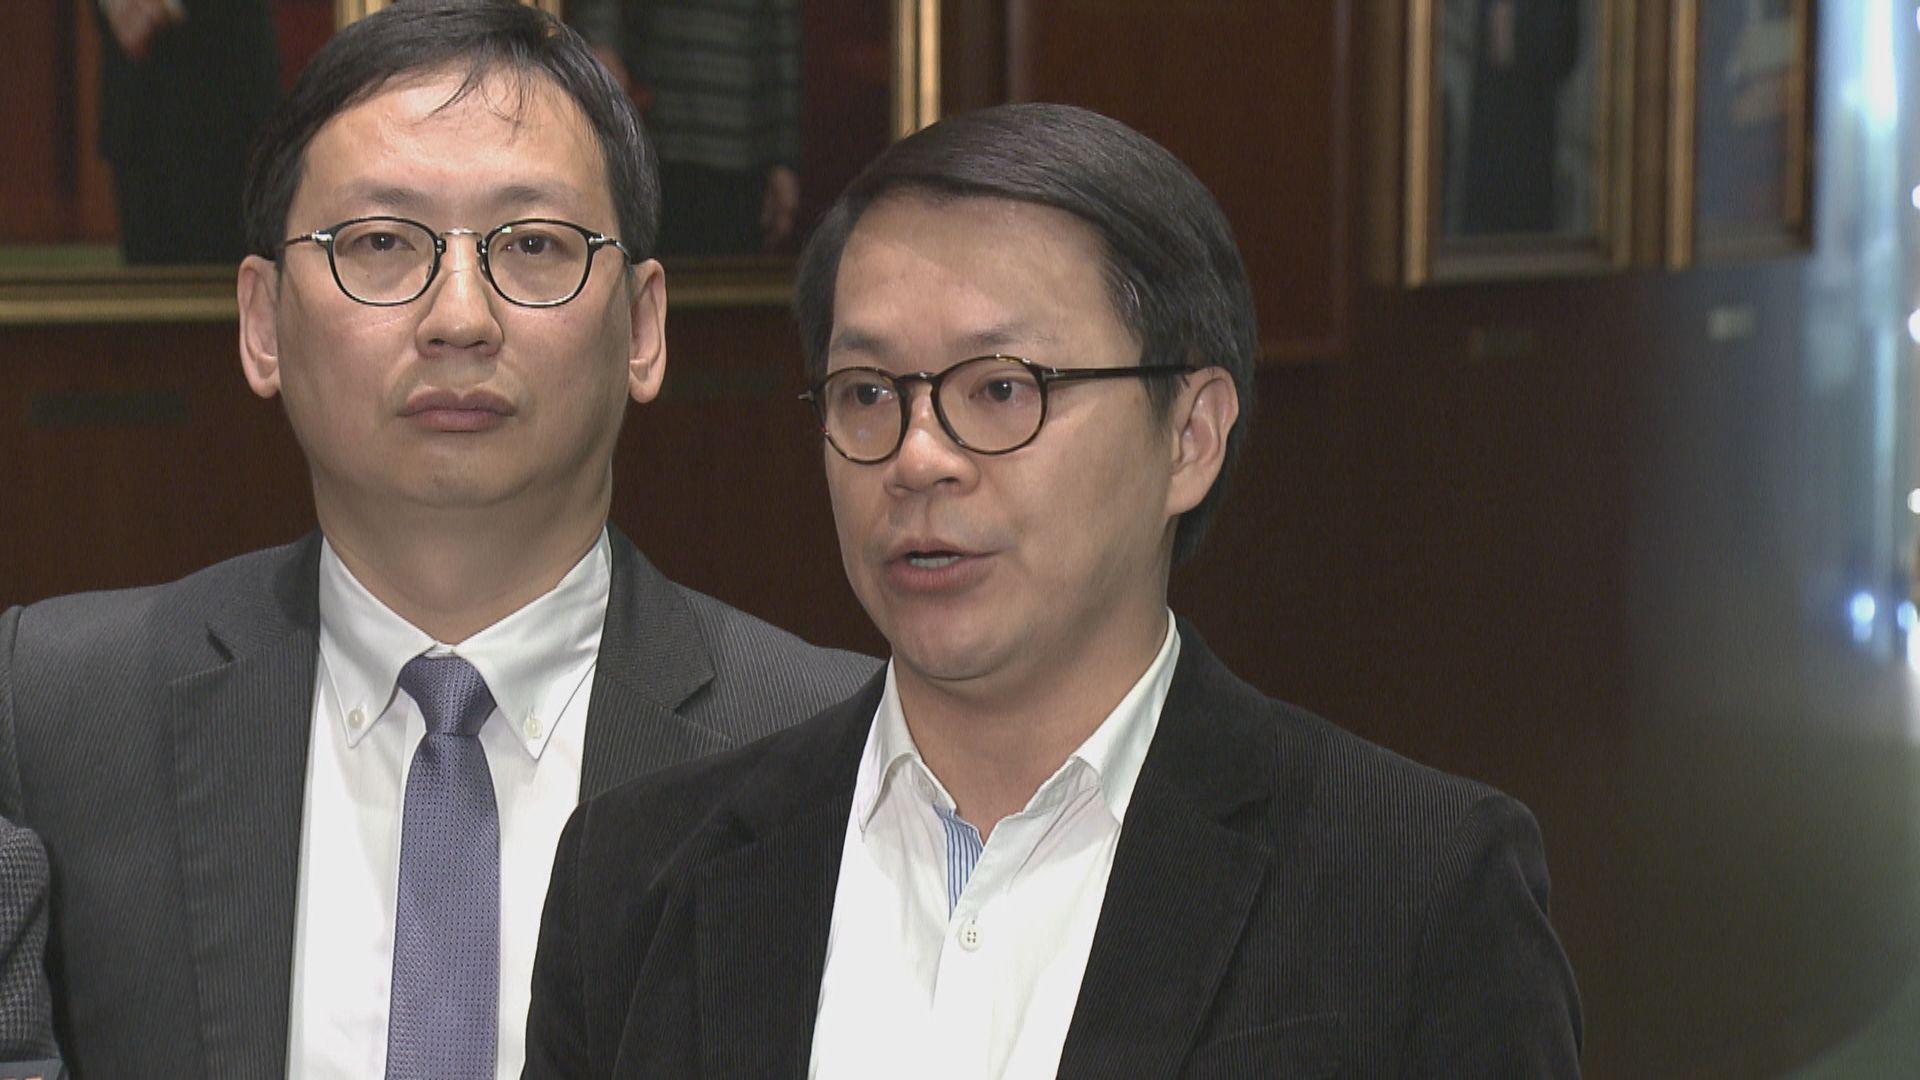 陳克勤:長者綜援申領年齡與其他政策綑綁做法不公